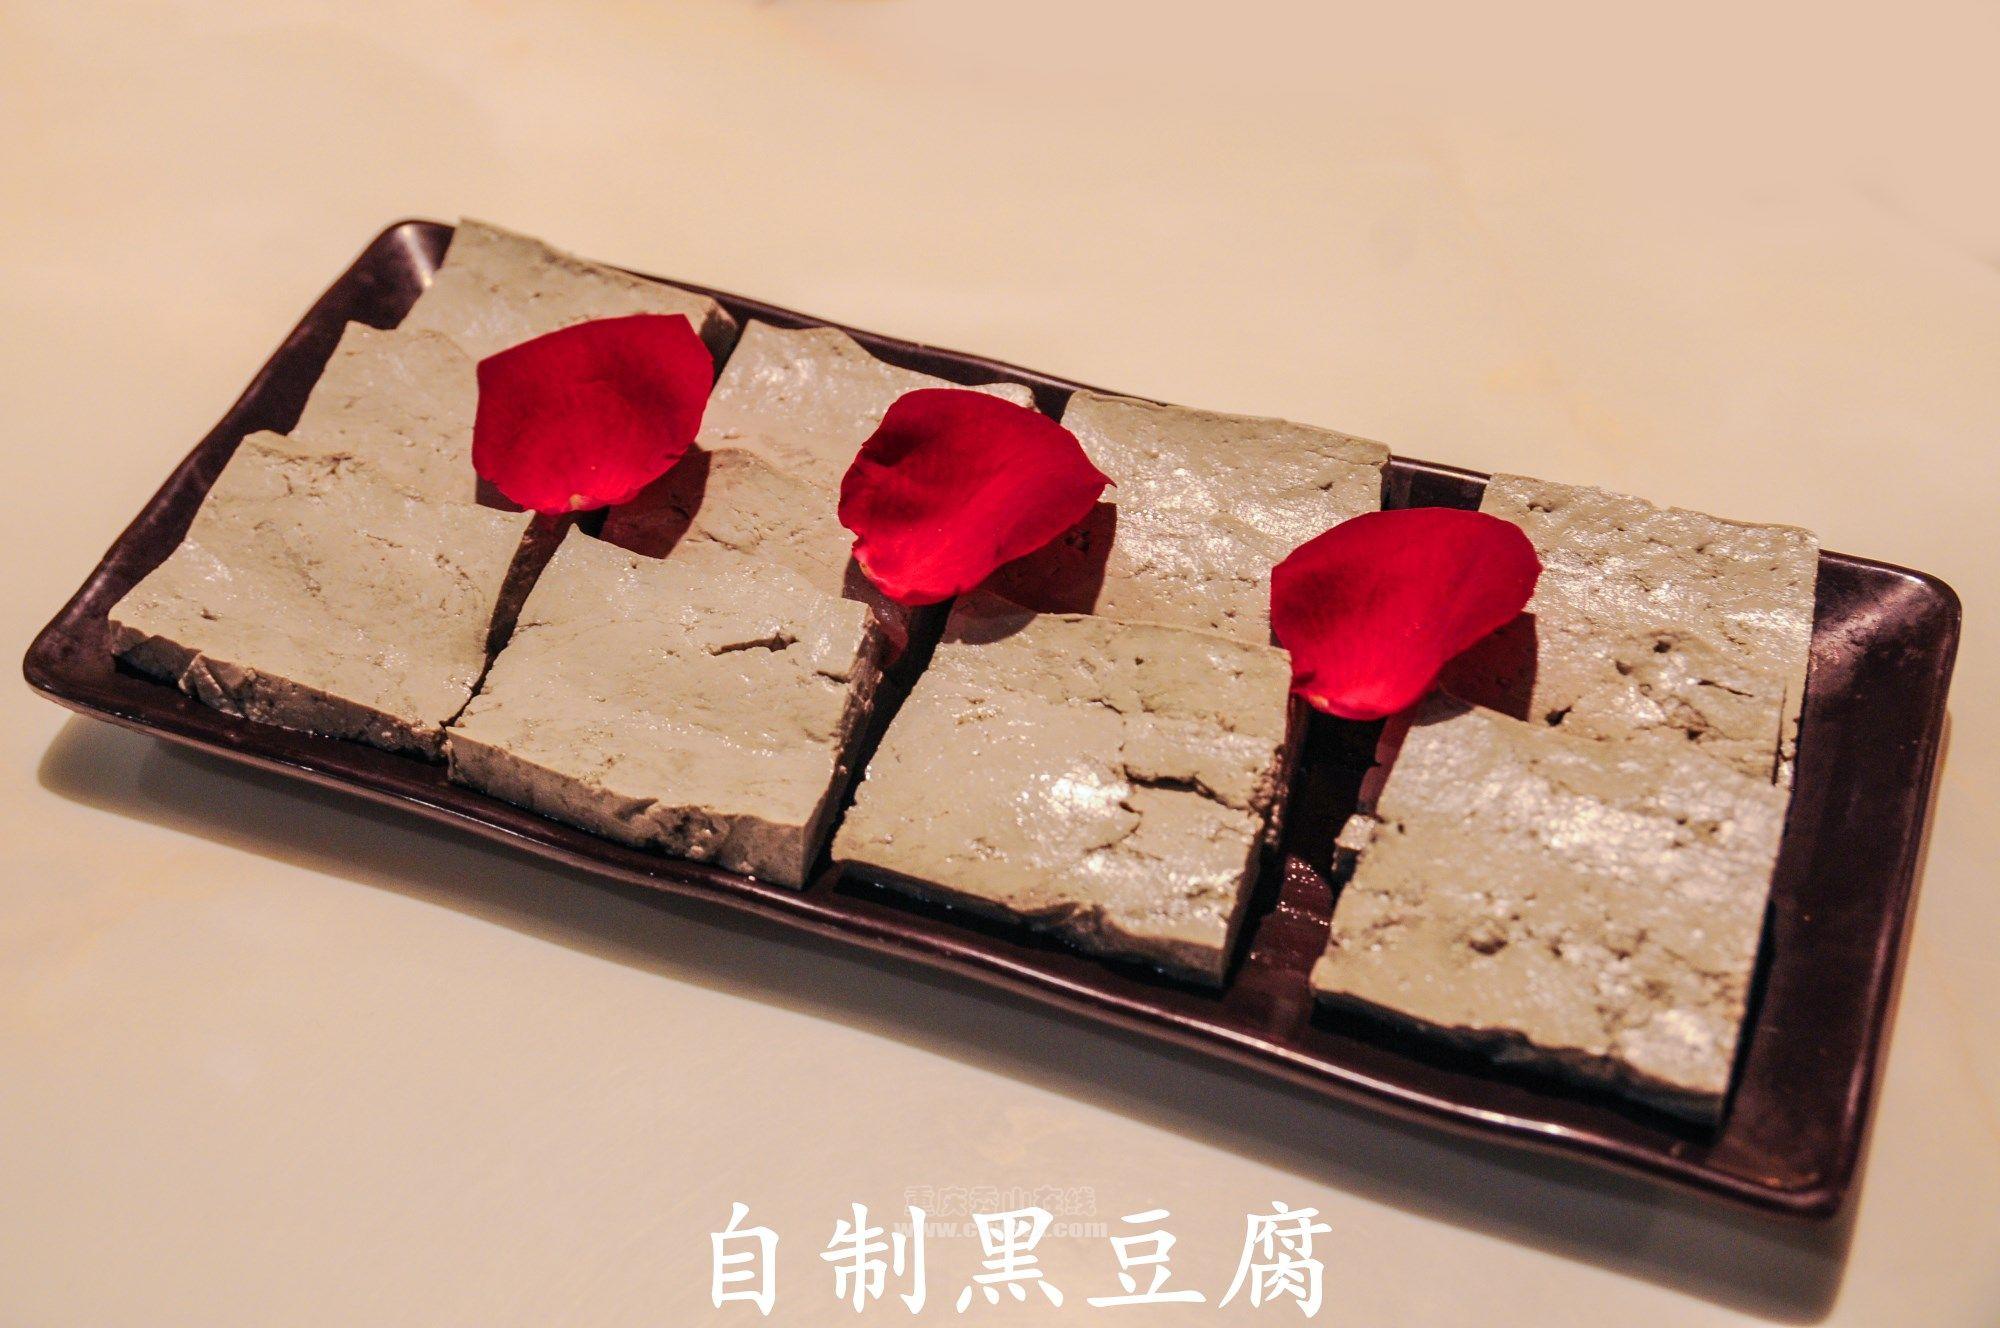 DSC_1537_副本.jpg